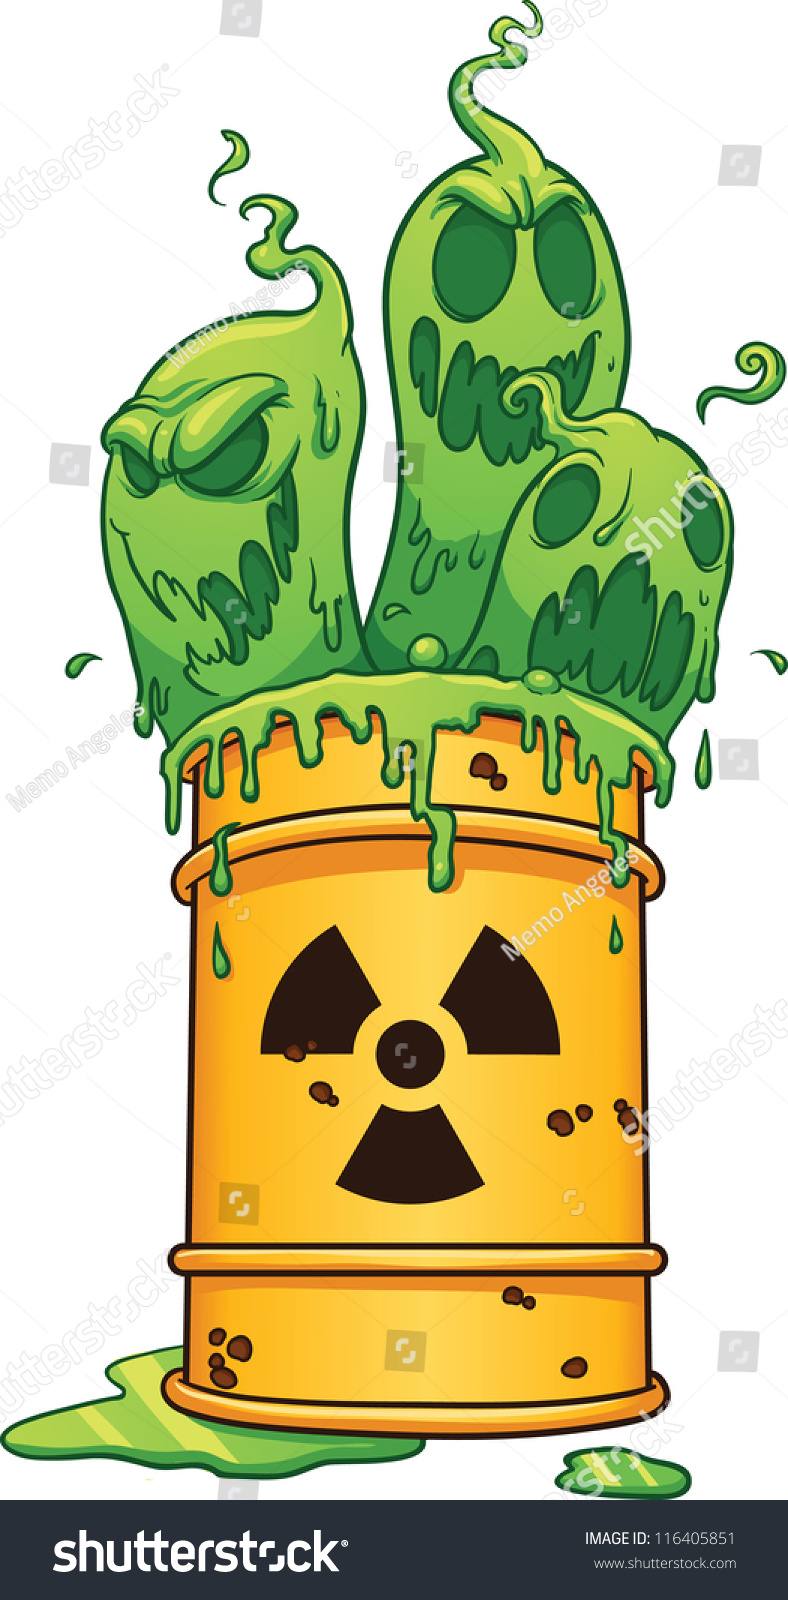 Toxic Clip Art